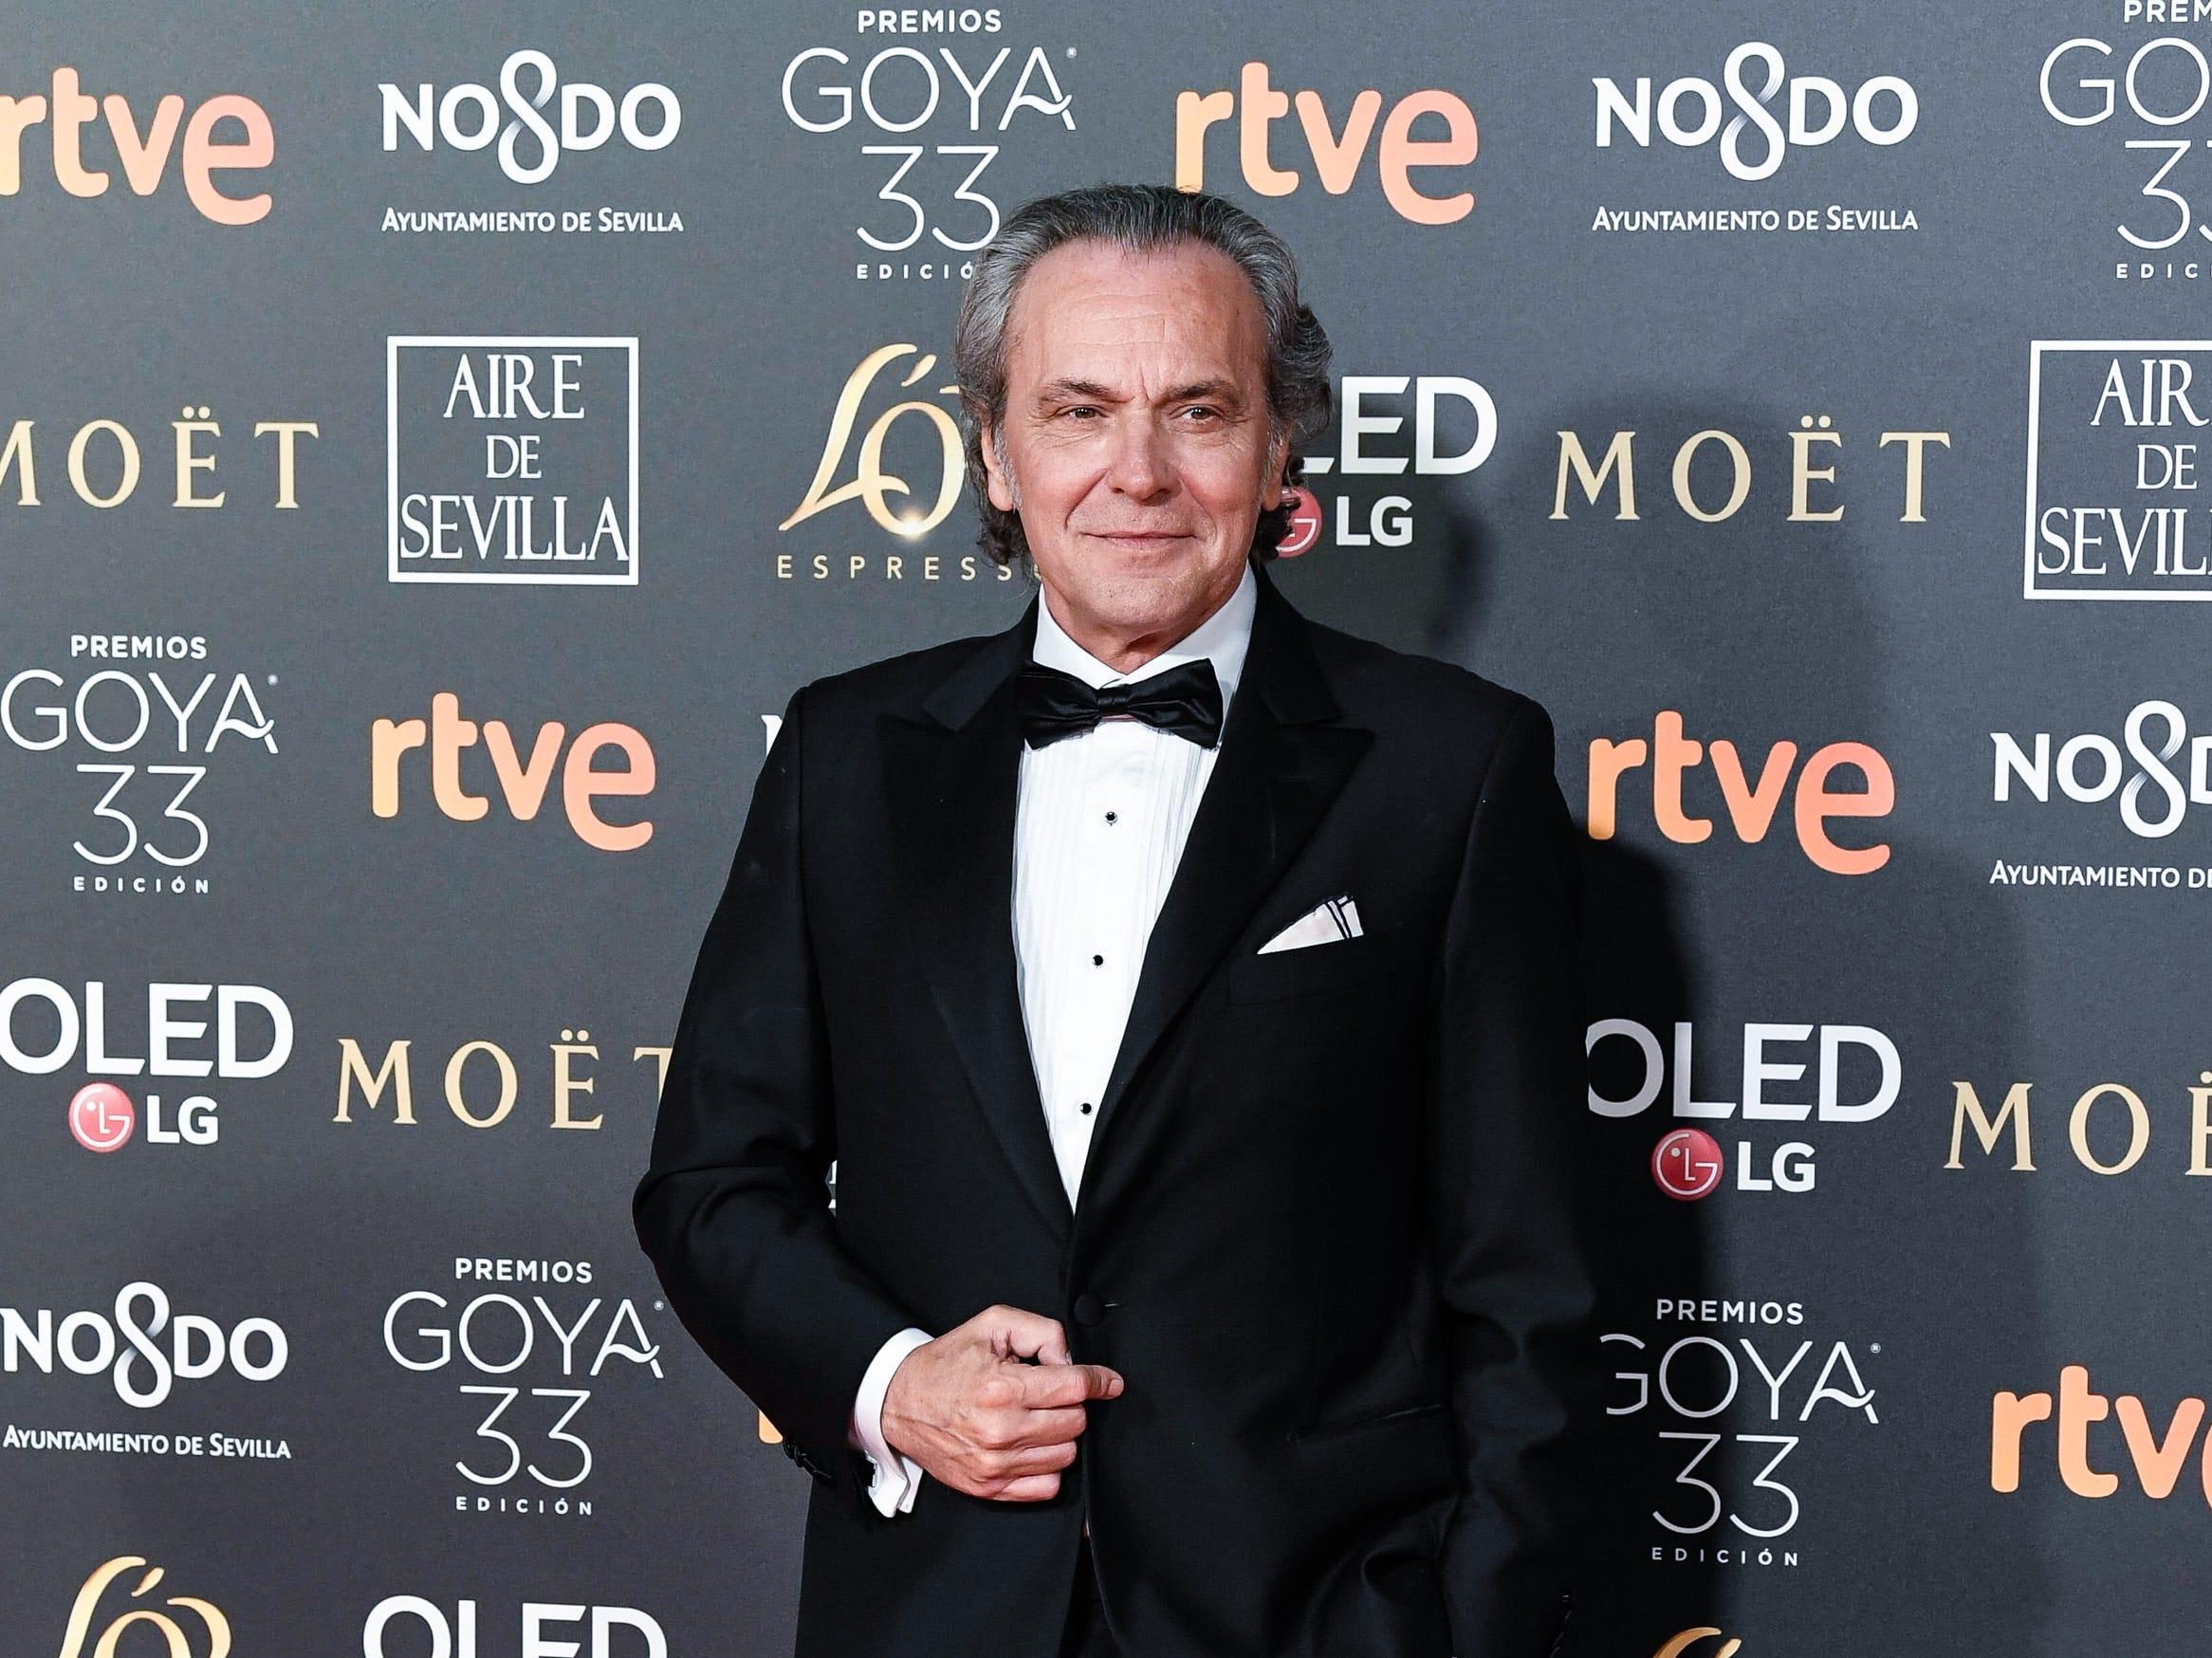 José Coronado asiste a la 33ª edición de los Premios de Cine Goya en el Palacio de Congresos y Exposiciones FIBES el 2 de febrero de 2019 en Sevilla, España.